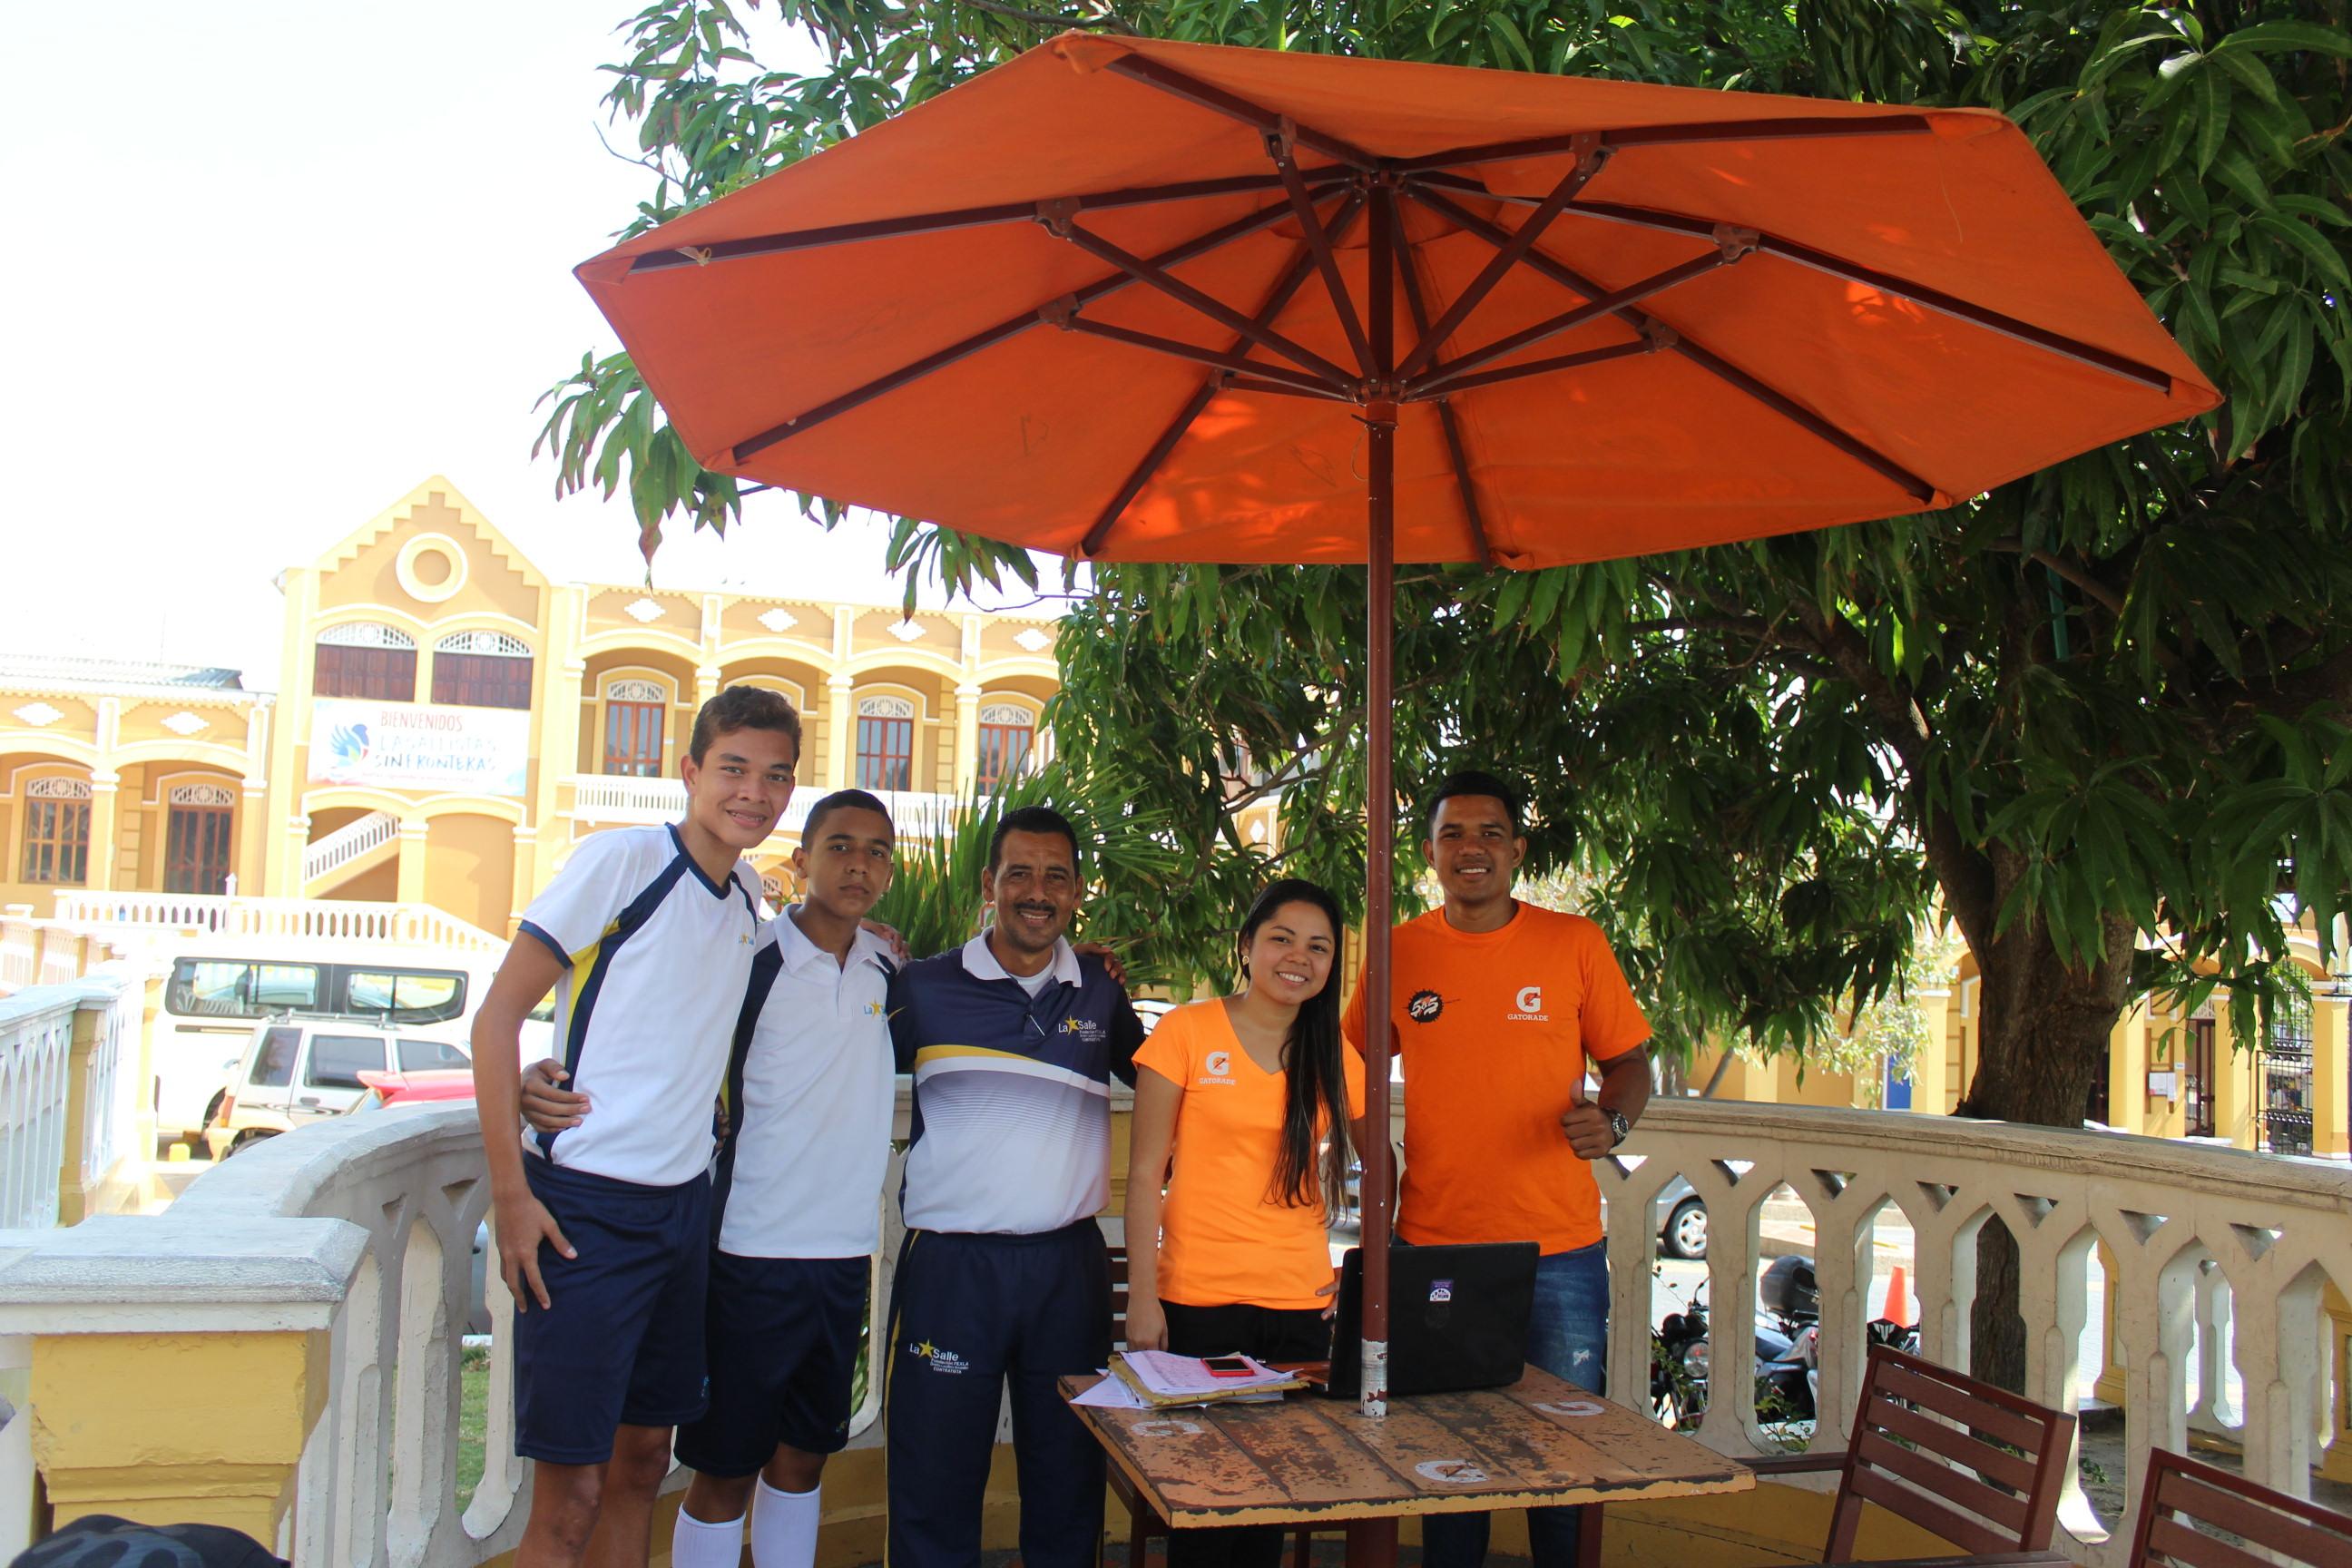 Campeonatos de Fútbol Gatorade 5v5 y la participación del Instituto La Salle